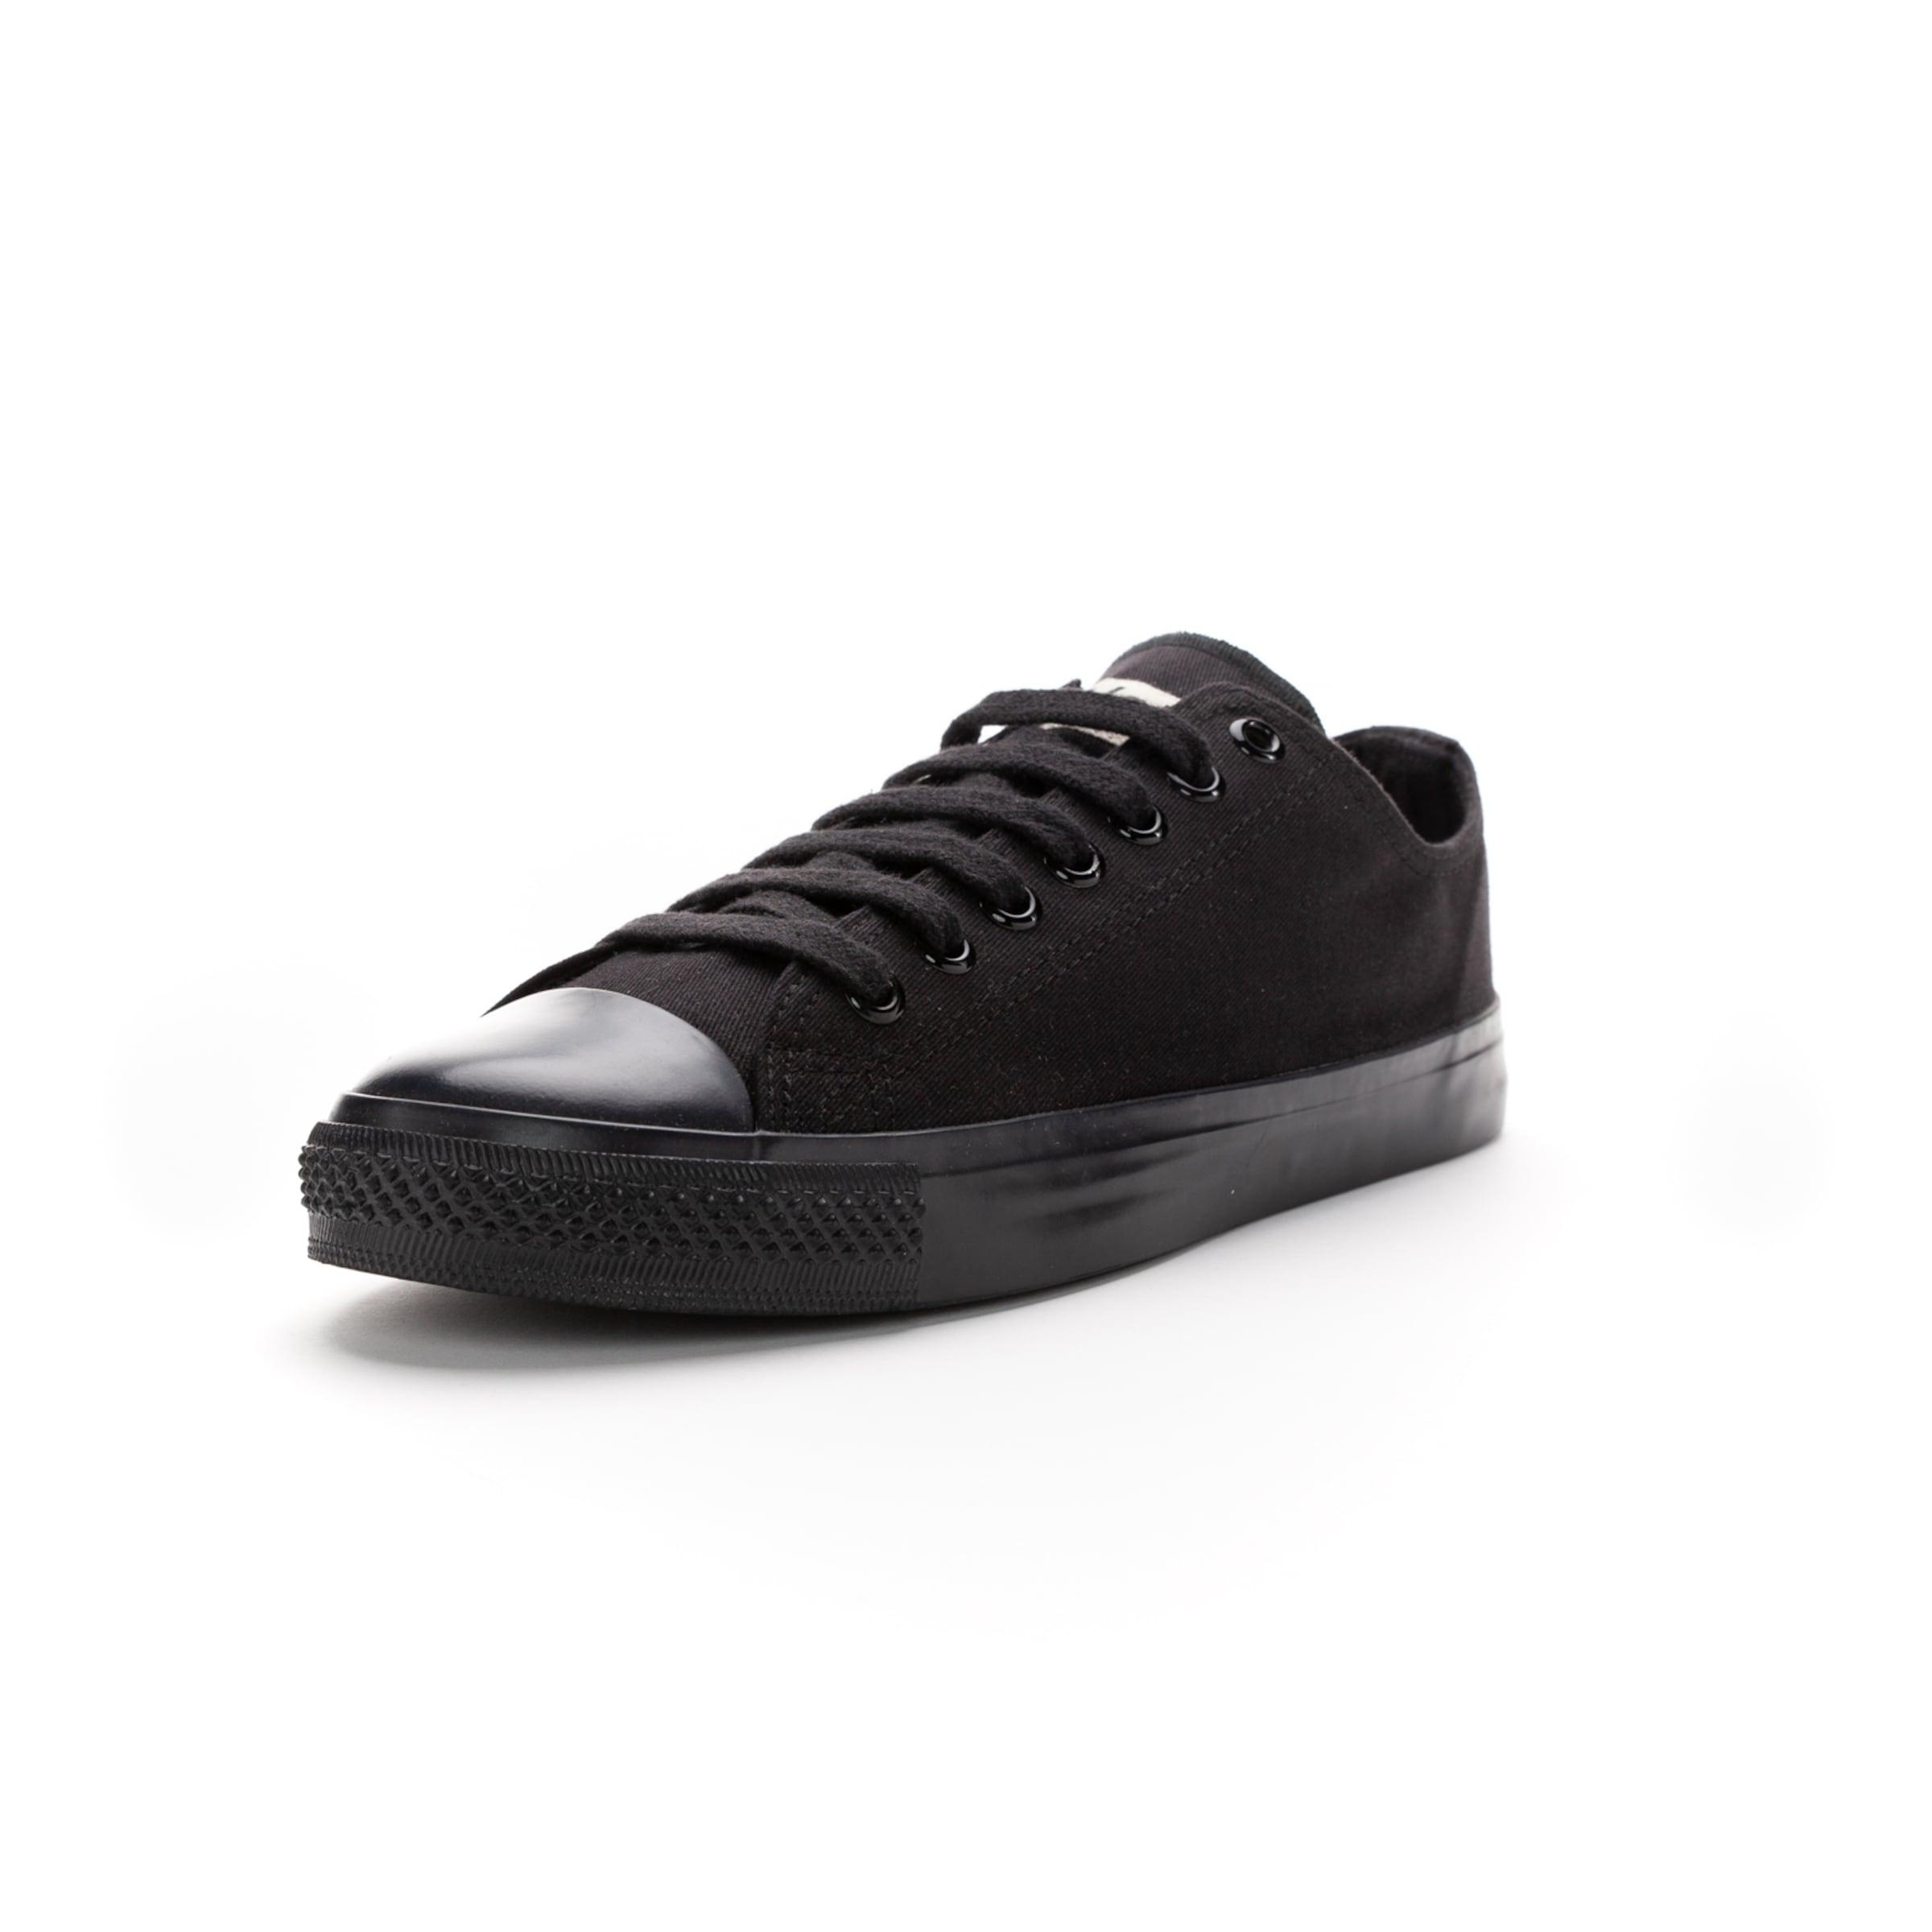 In Ethletic Ethletic GelbSchwarz In Sneaker Sneaker bI6Y7gvmfy